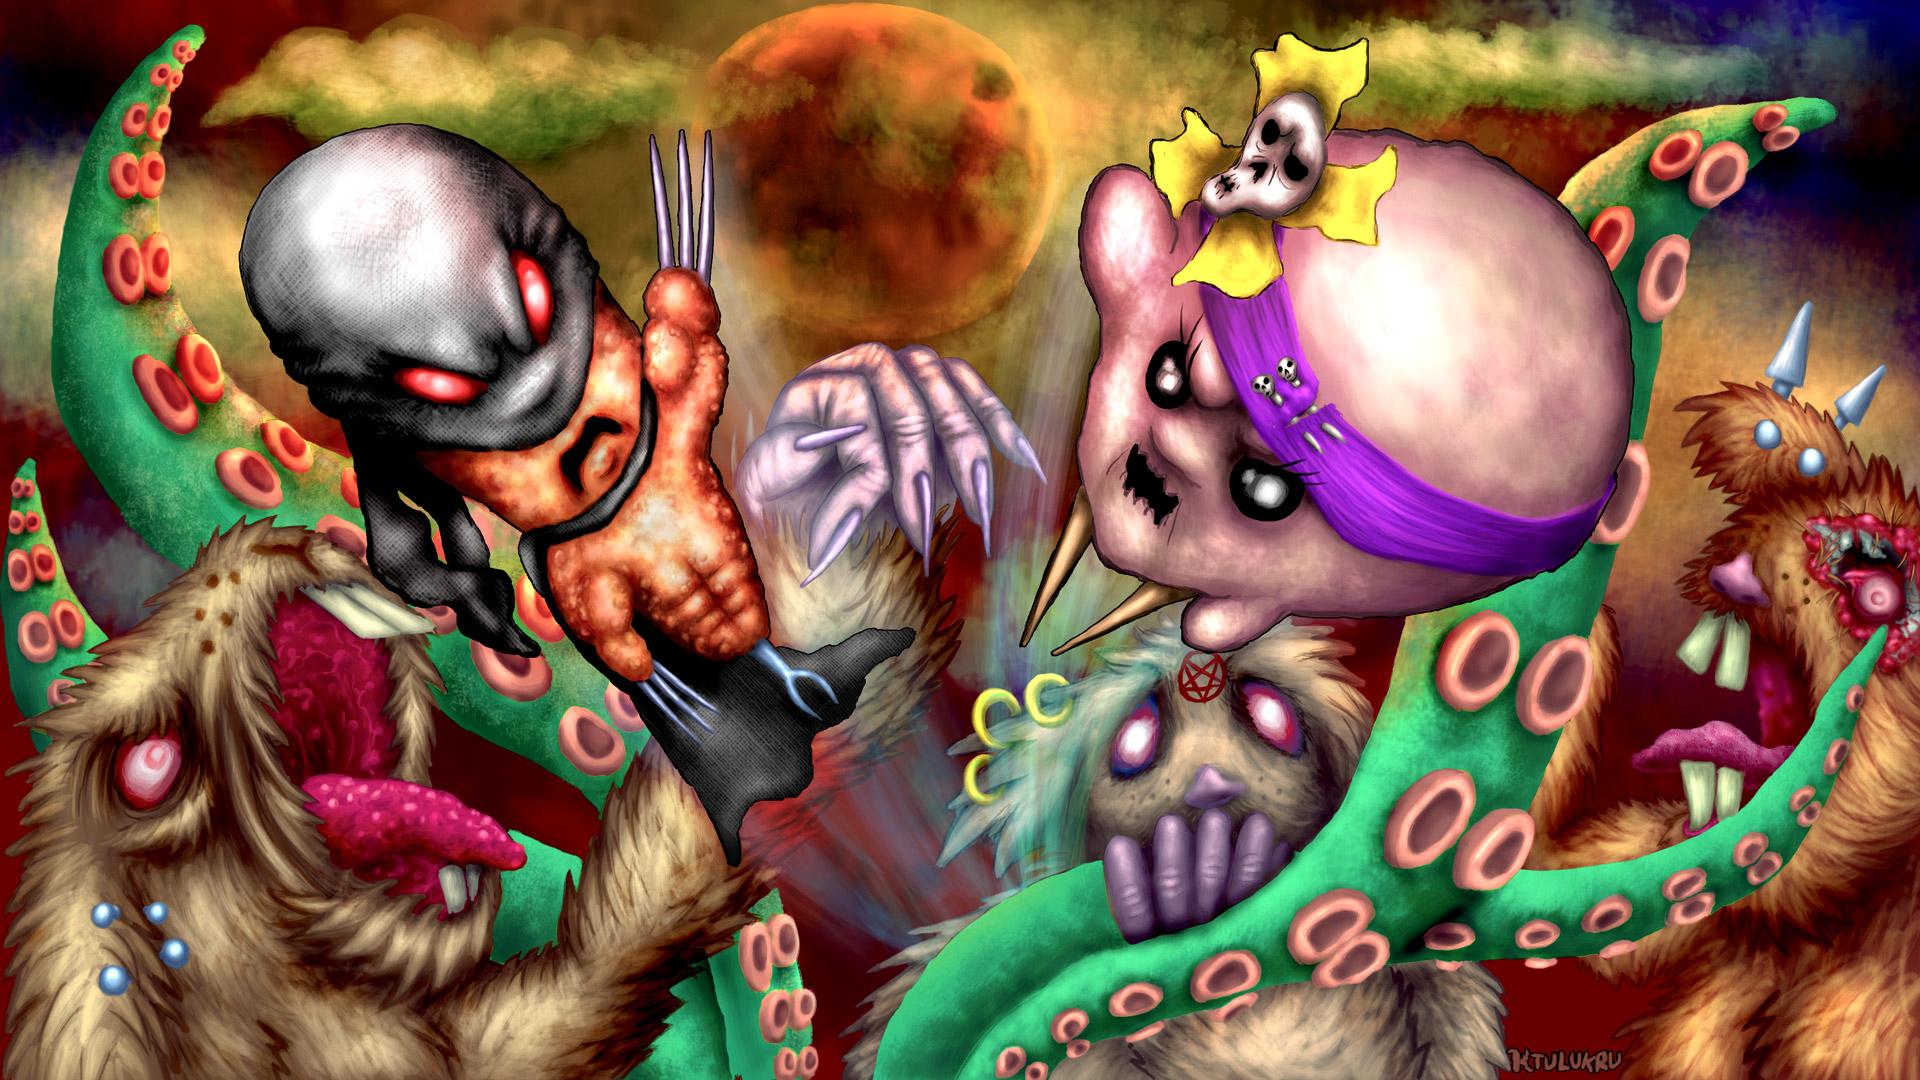 ZuperWurst, Bouli, les rongeurs mutants et autres céphalopodes